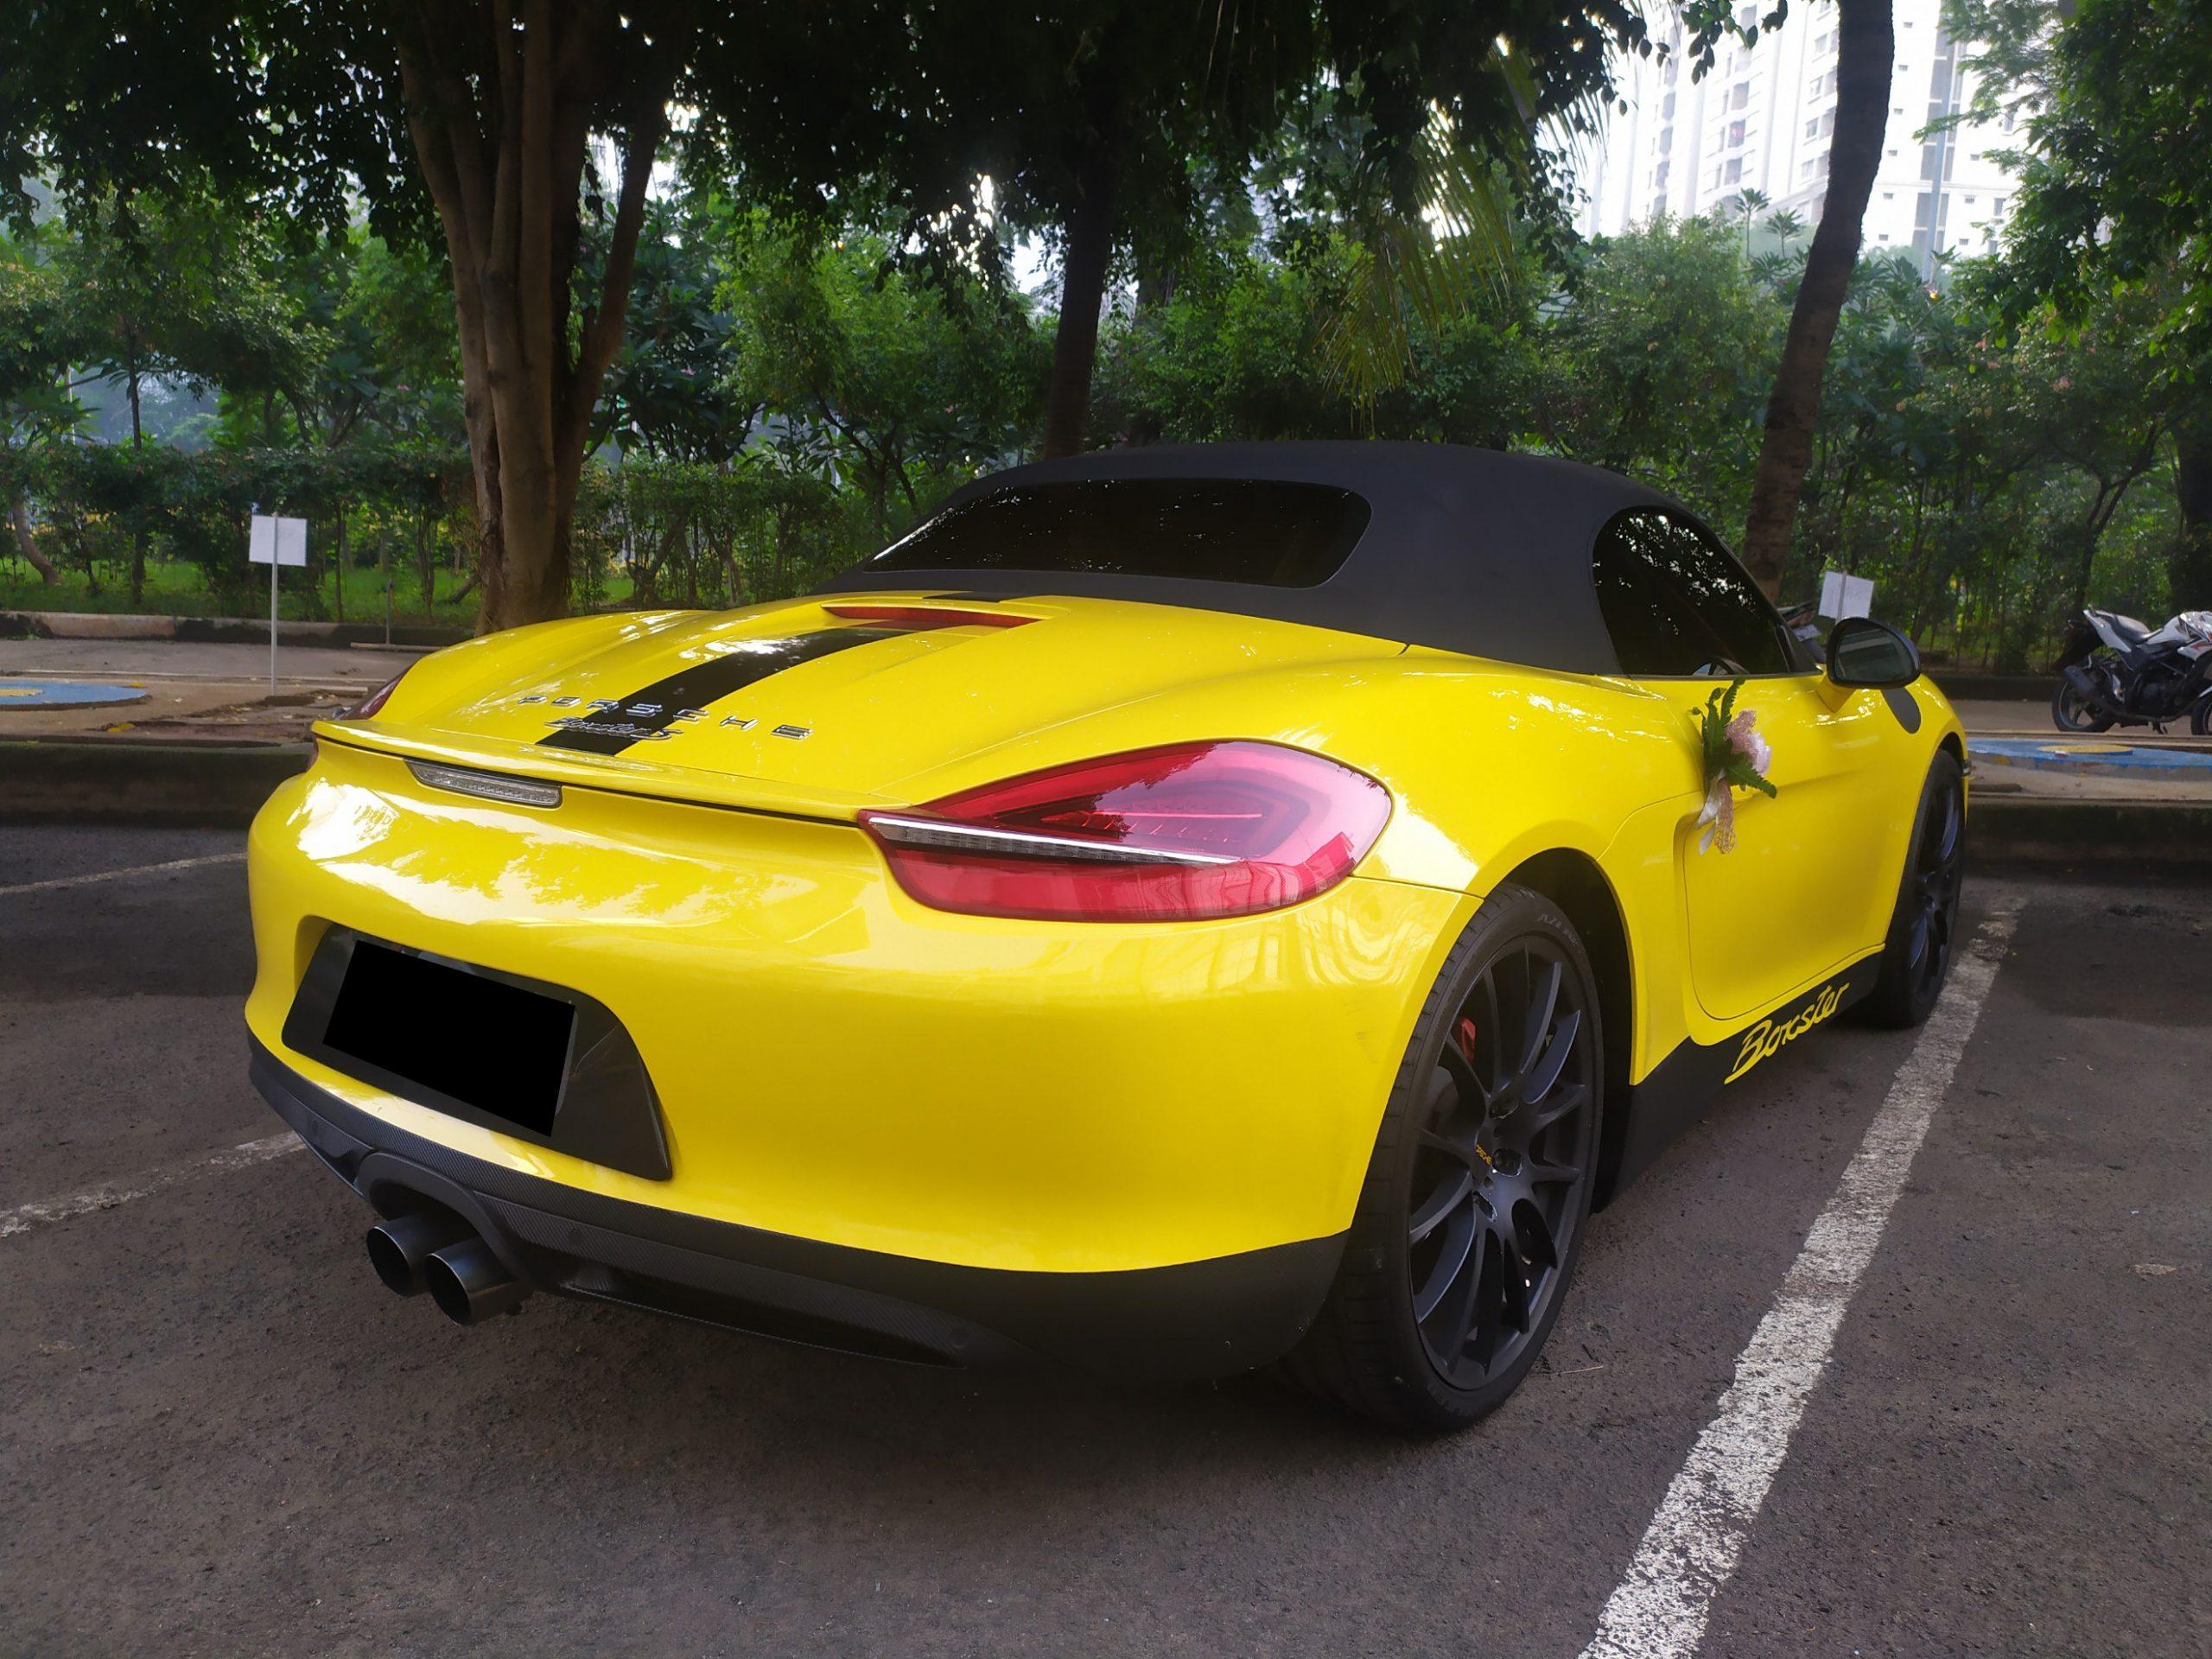 Sewa Mobil Porsche Boxster, Sewa Mobil Mewah, Rental Mobil Pengantin Jakarta, Sewa Wedding Car Jakarta, Sewa Mobil Pengantin Bogor, Sewa Mobil Pengantin, Bekasi, Sewa Mobil Pengantin Tangerang, Sewa Mobil Pengantin Karawang, Sewa Mobil Pengantin Bandung